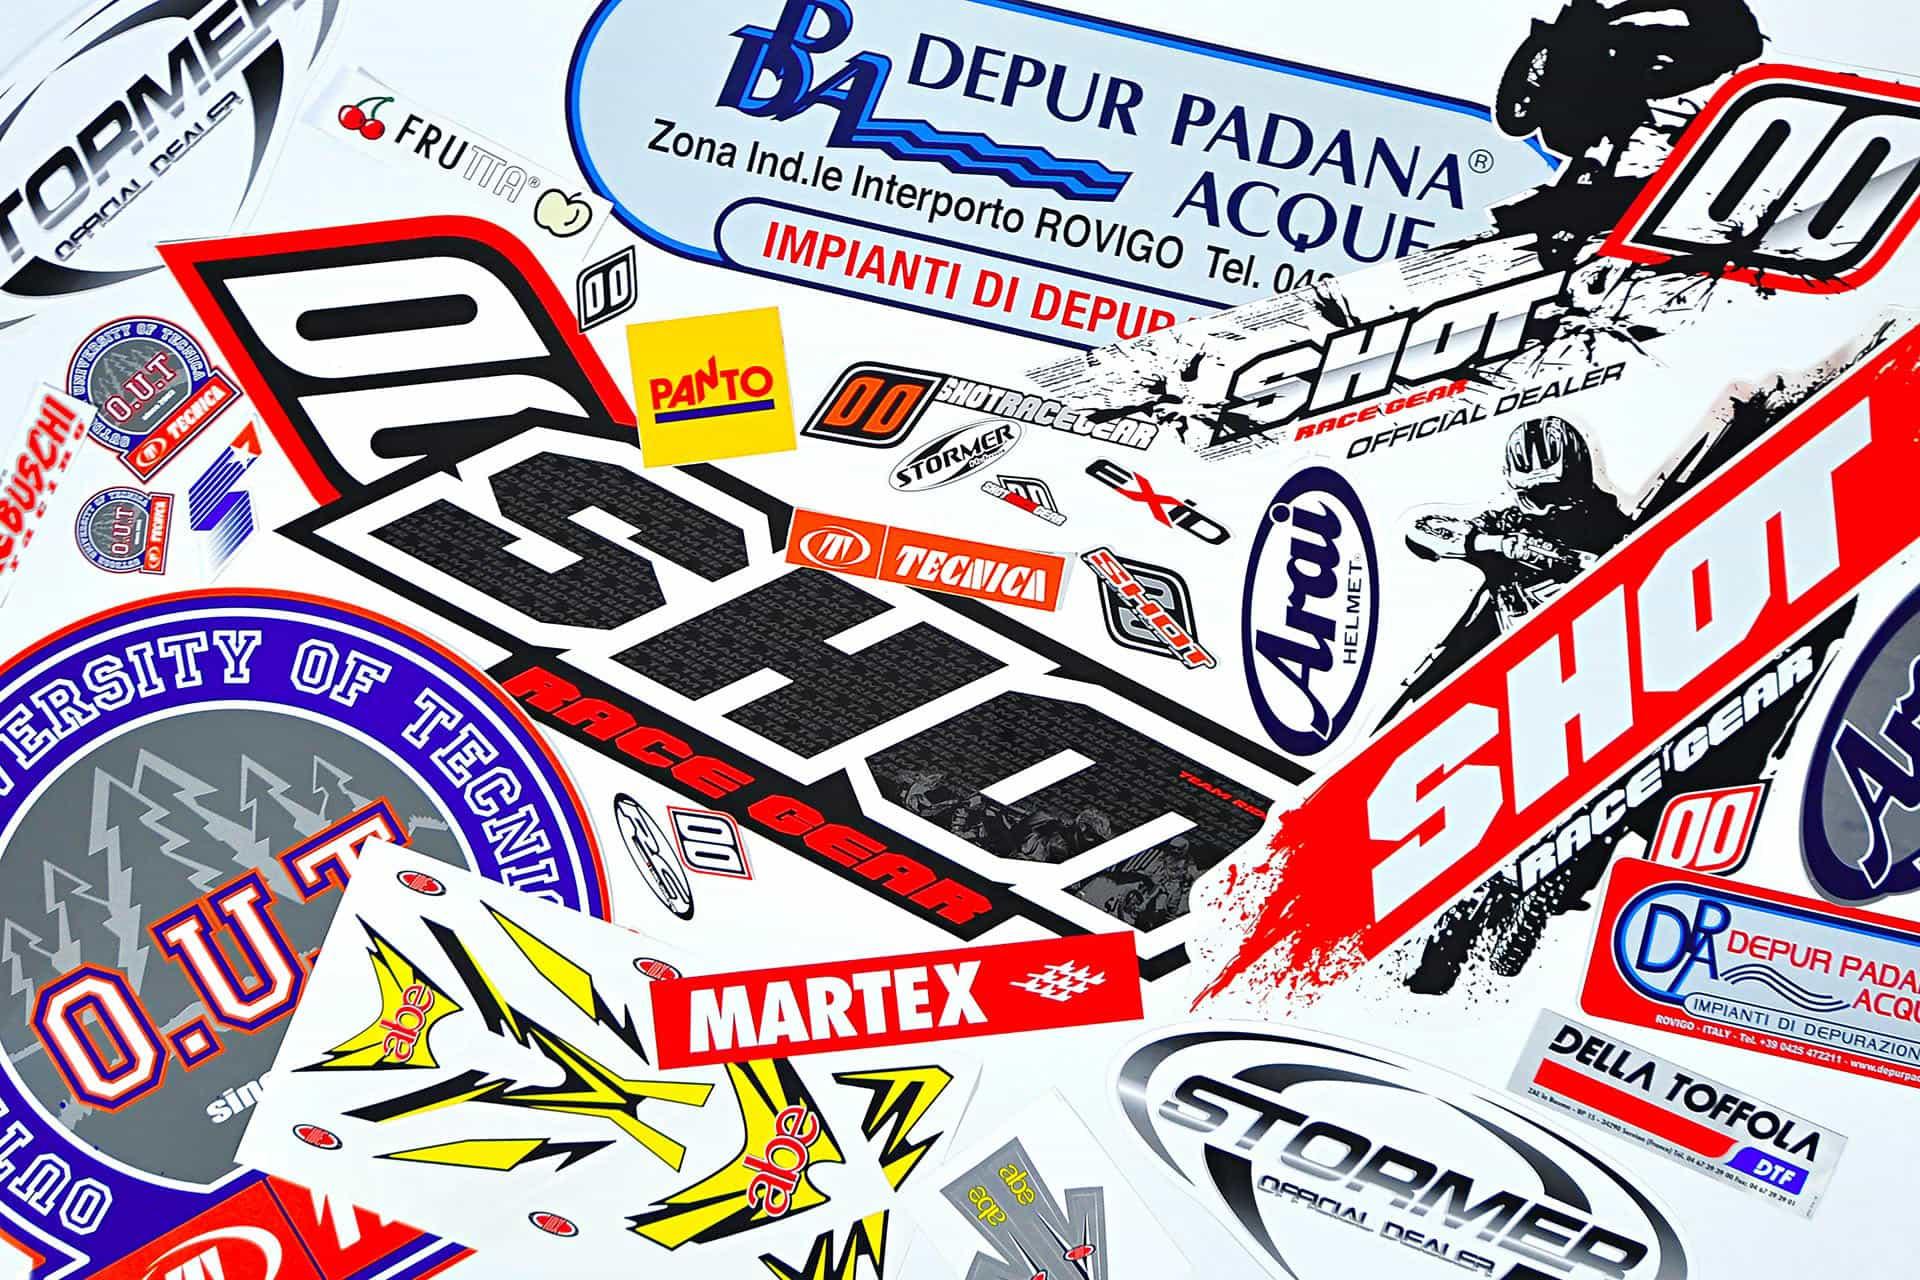 Stampa Etichette adesive piccole e grandi dimensioni